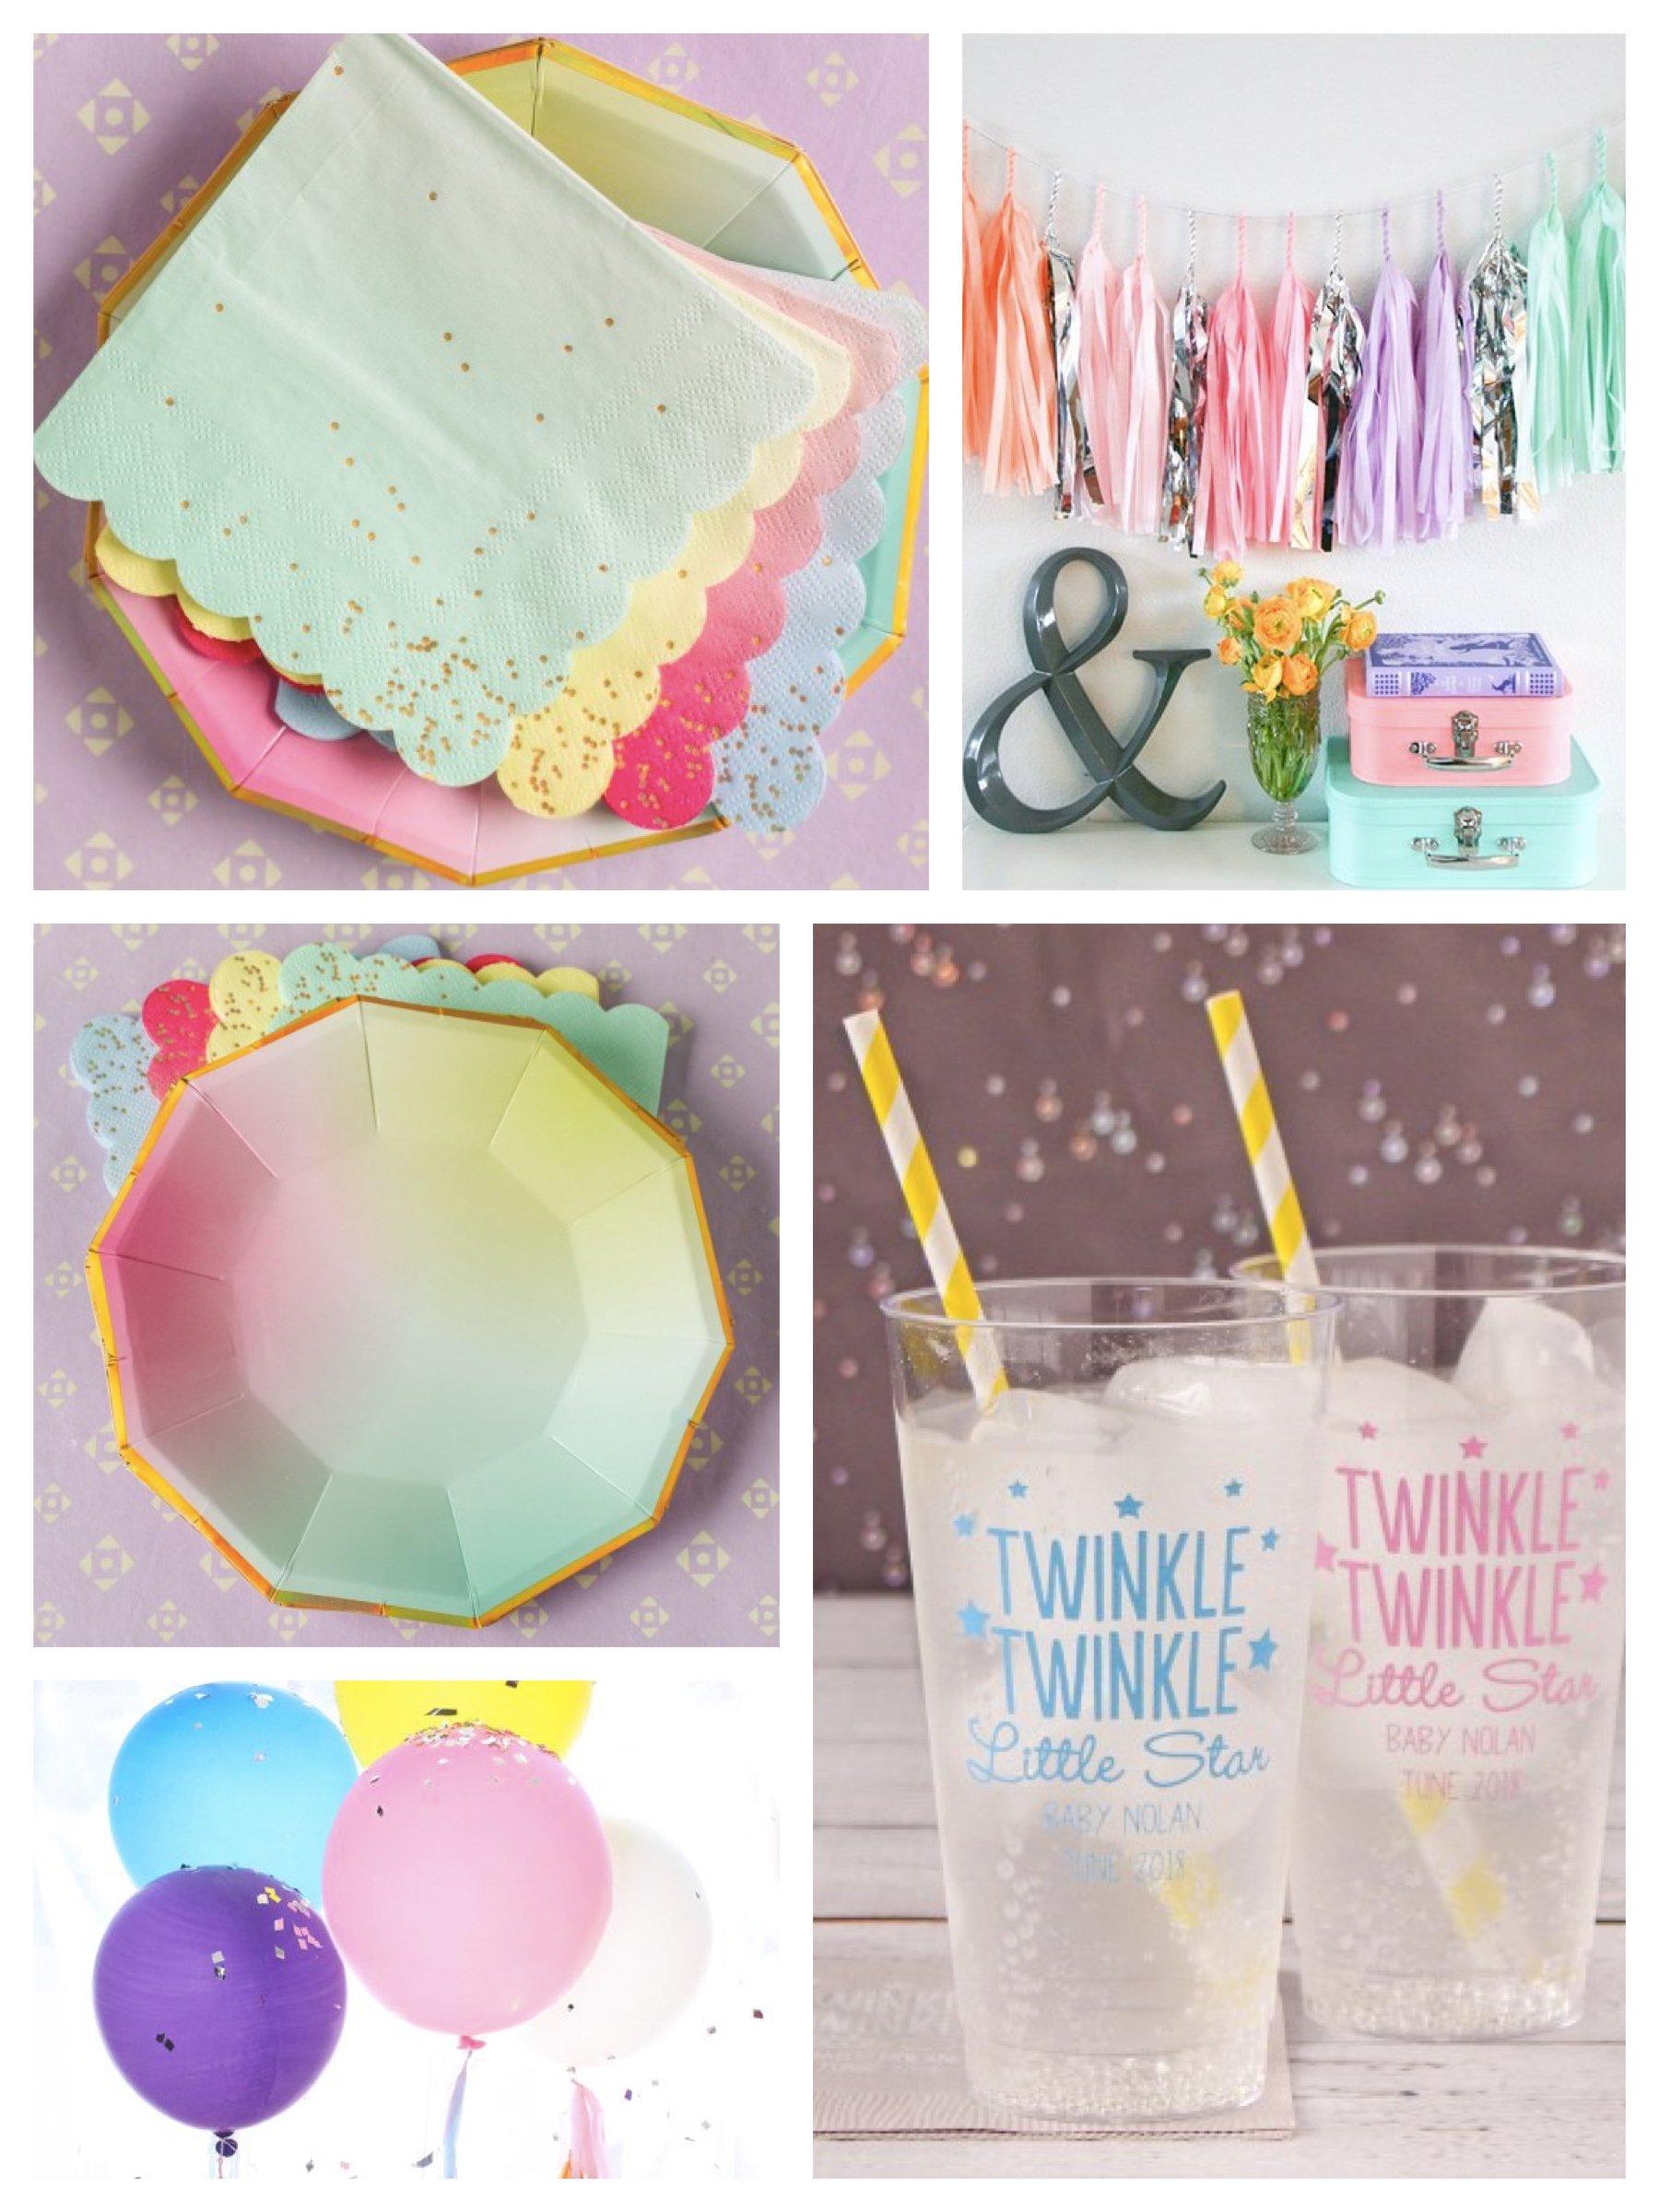 Pastel Twinkle Twinkle Star Baby Shower Decor